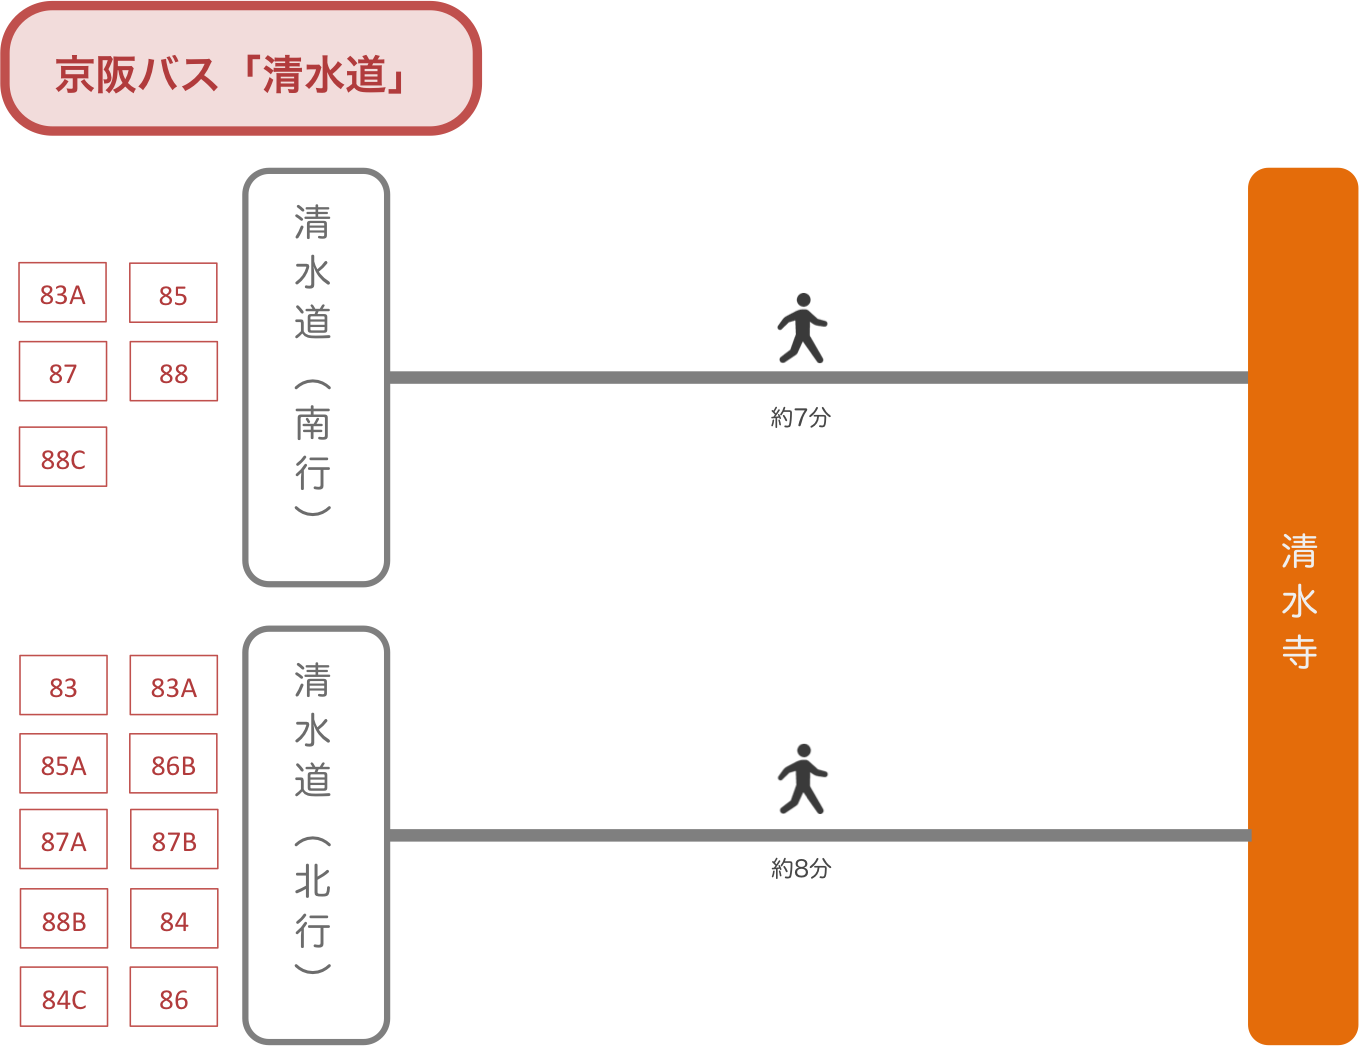 清水寺_京阪バス_最寄りバス停